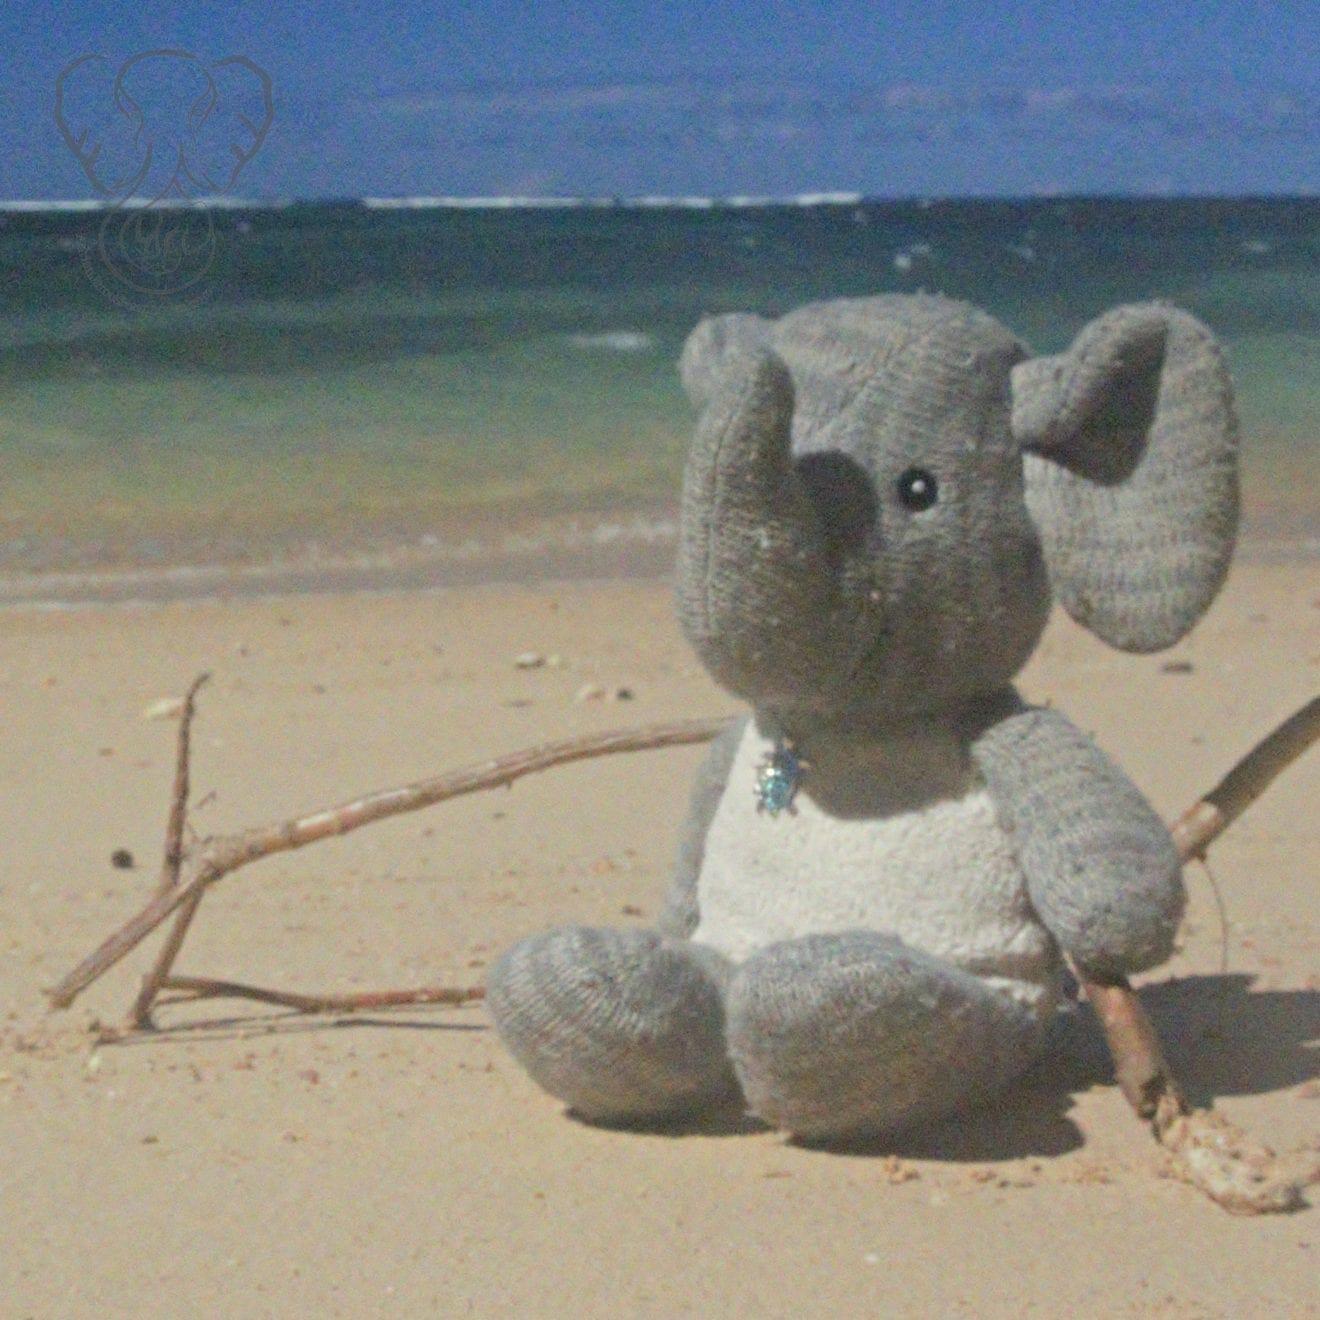 Adrian's Elephant at Anini Beach, Kaua'i, Hawai'i (Miranda Hernandez)